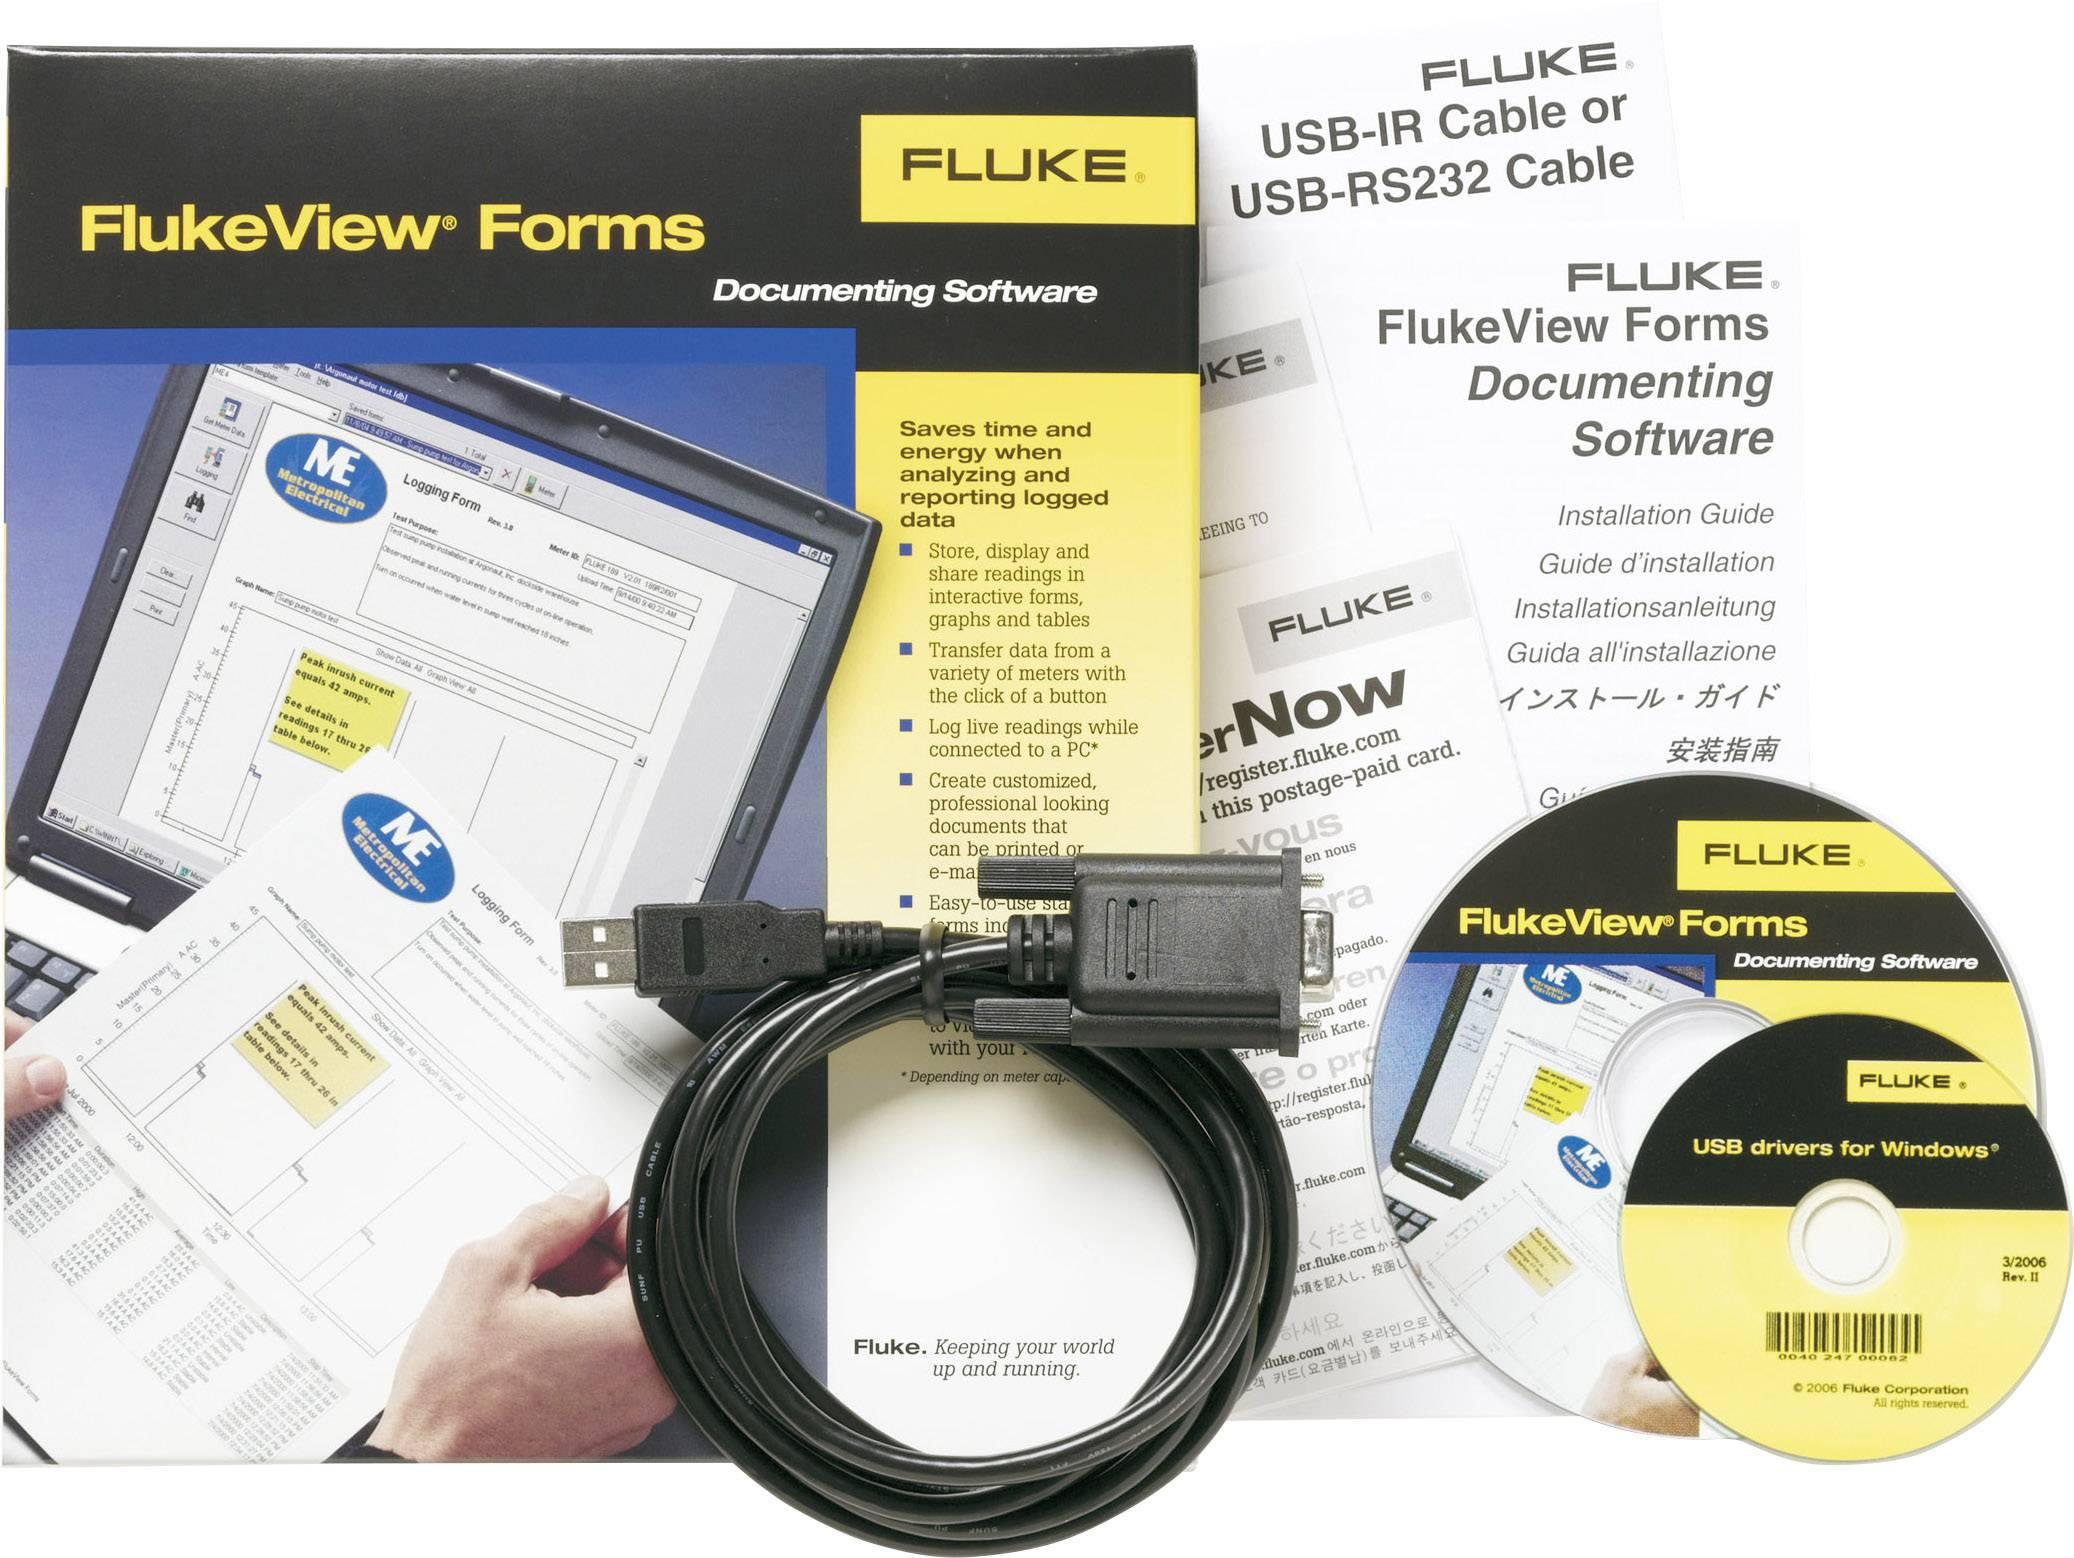 Software Fluke FVF-SC4 vhodný pro Fluke 8845A, Fluke 8846A, Fluke 8808A, Fluke 45